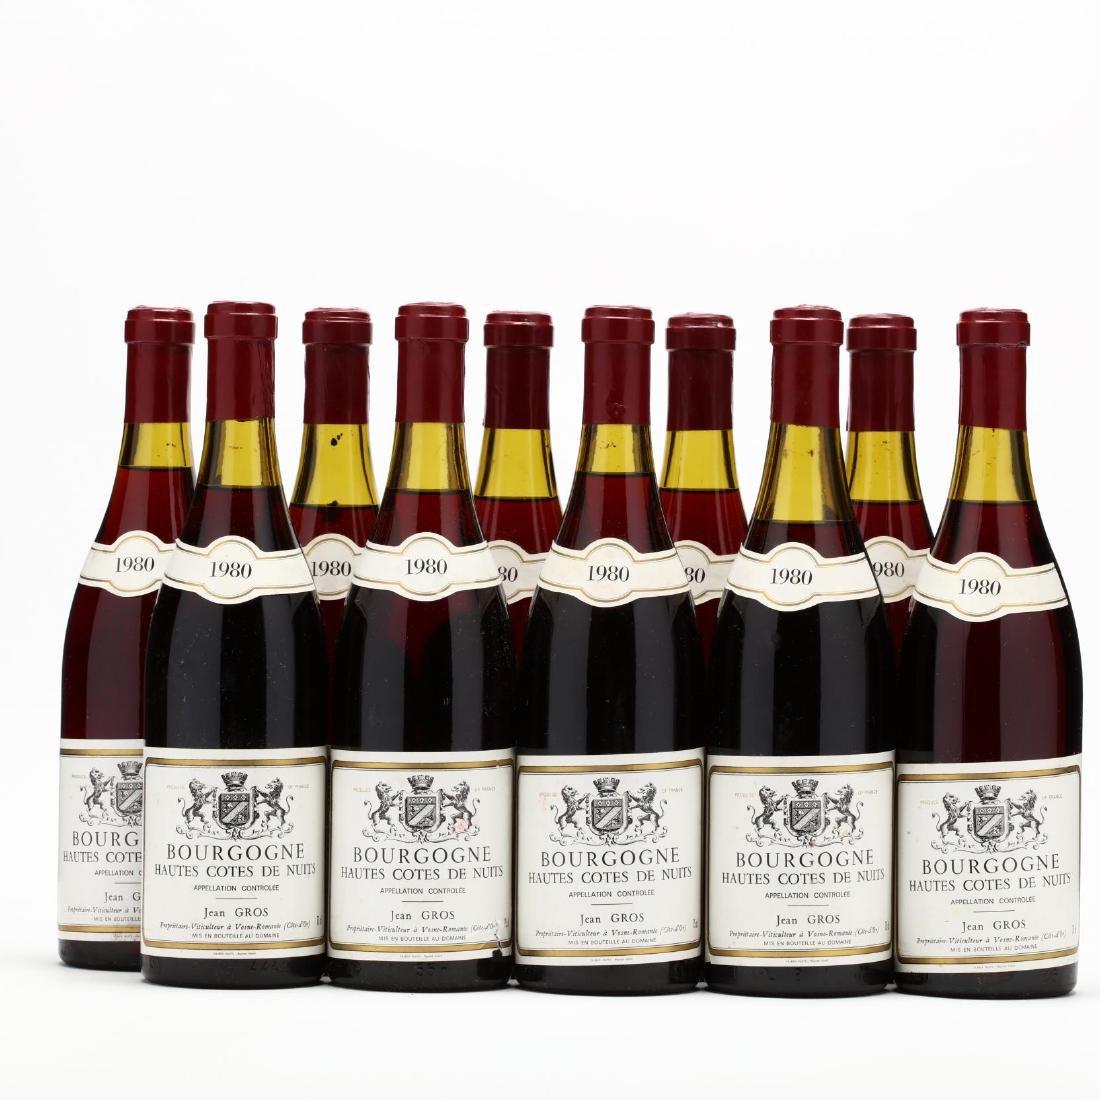 Bourgogne Hautes Cotes de Nuits - Vintage 1980